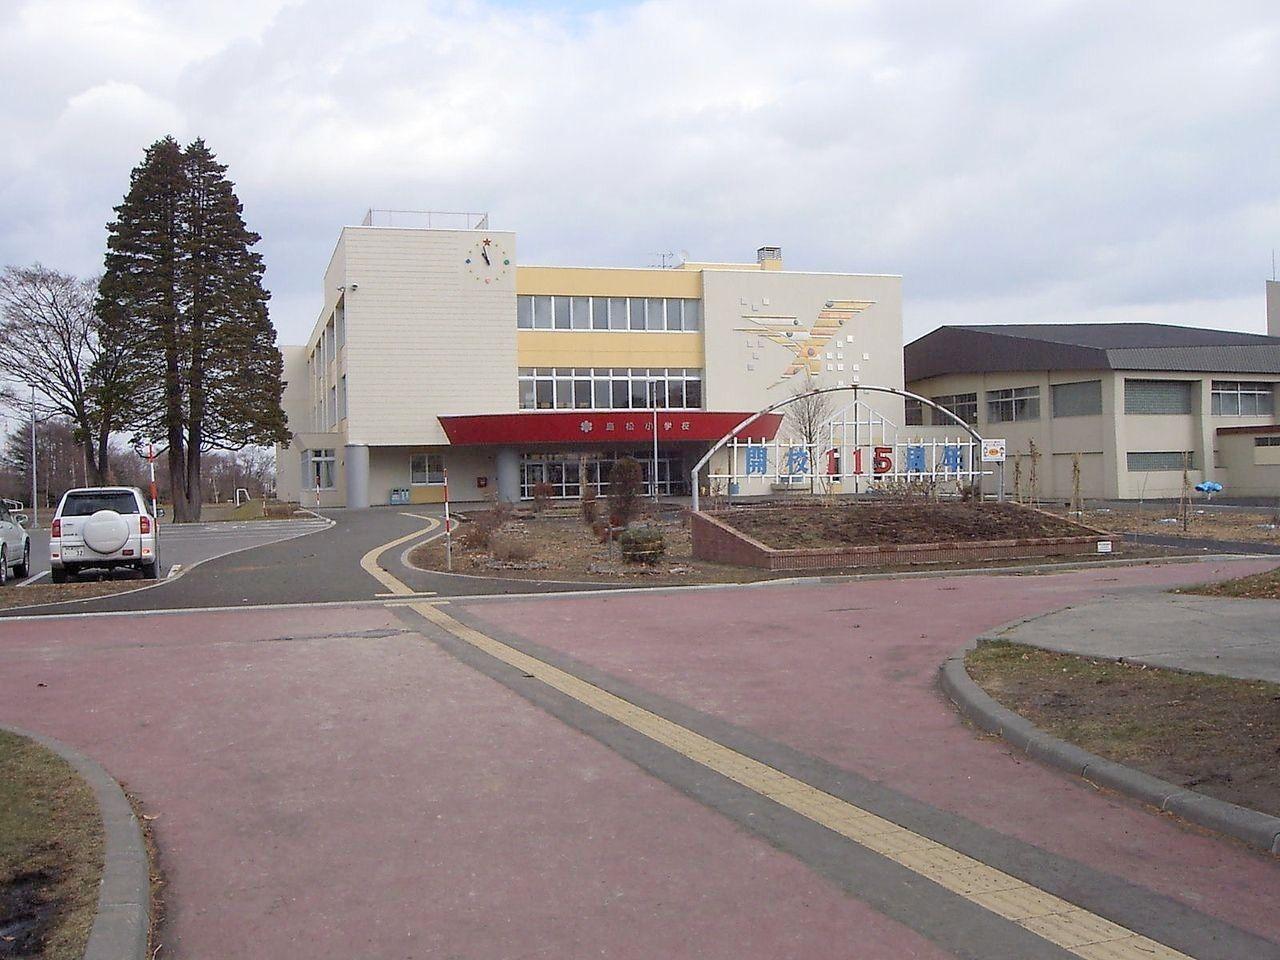 島松市街地のはずれ、閑静な農地に囲まれた小学校です。